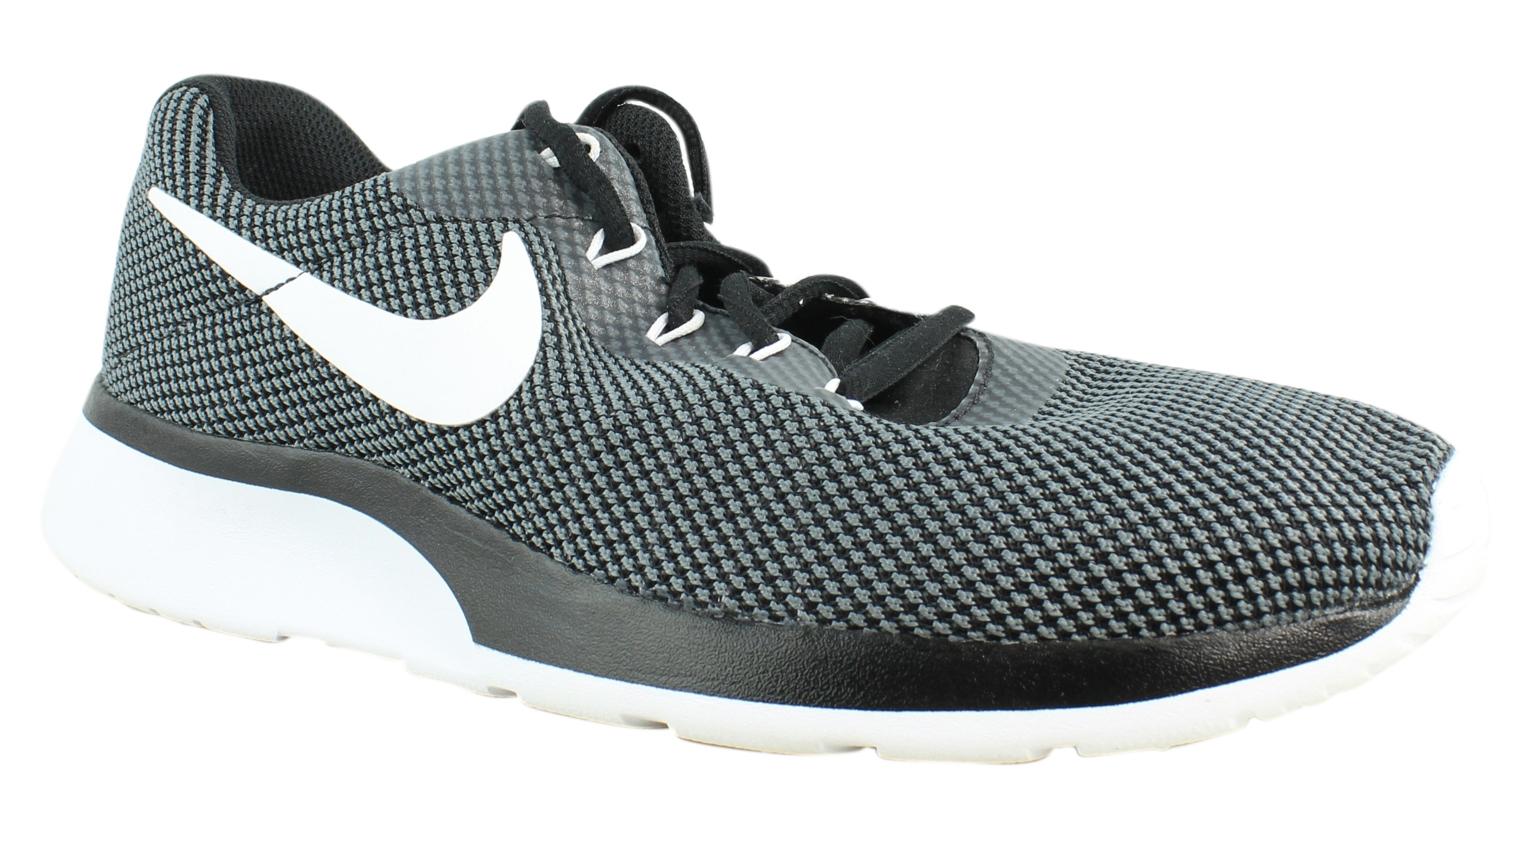 Nike Mens Tanjun Racer Black Running Shoes Size 9.5 (312105)